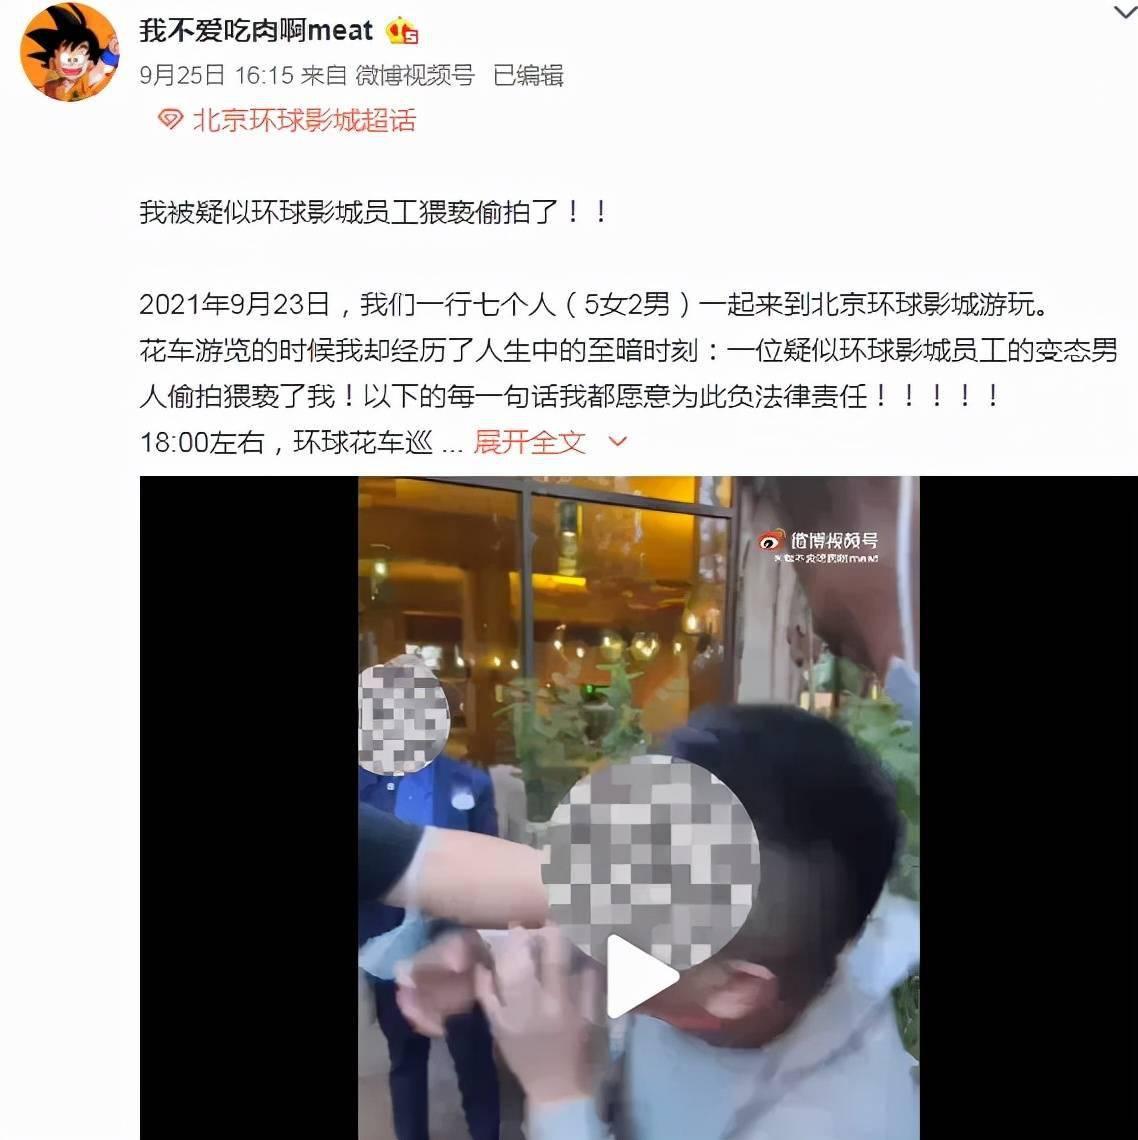 员工偷拍女生裙底!北京环球影城回应:已辞退